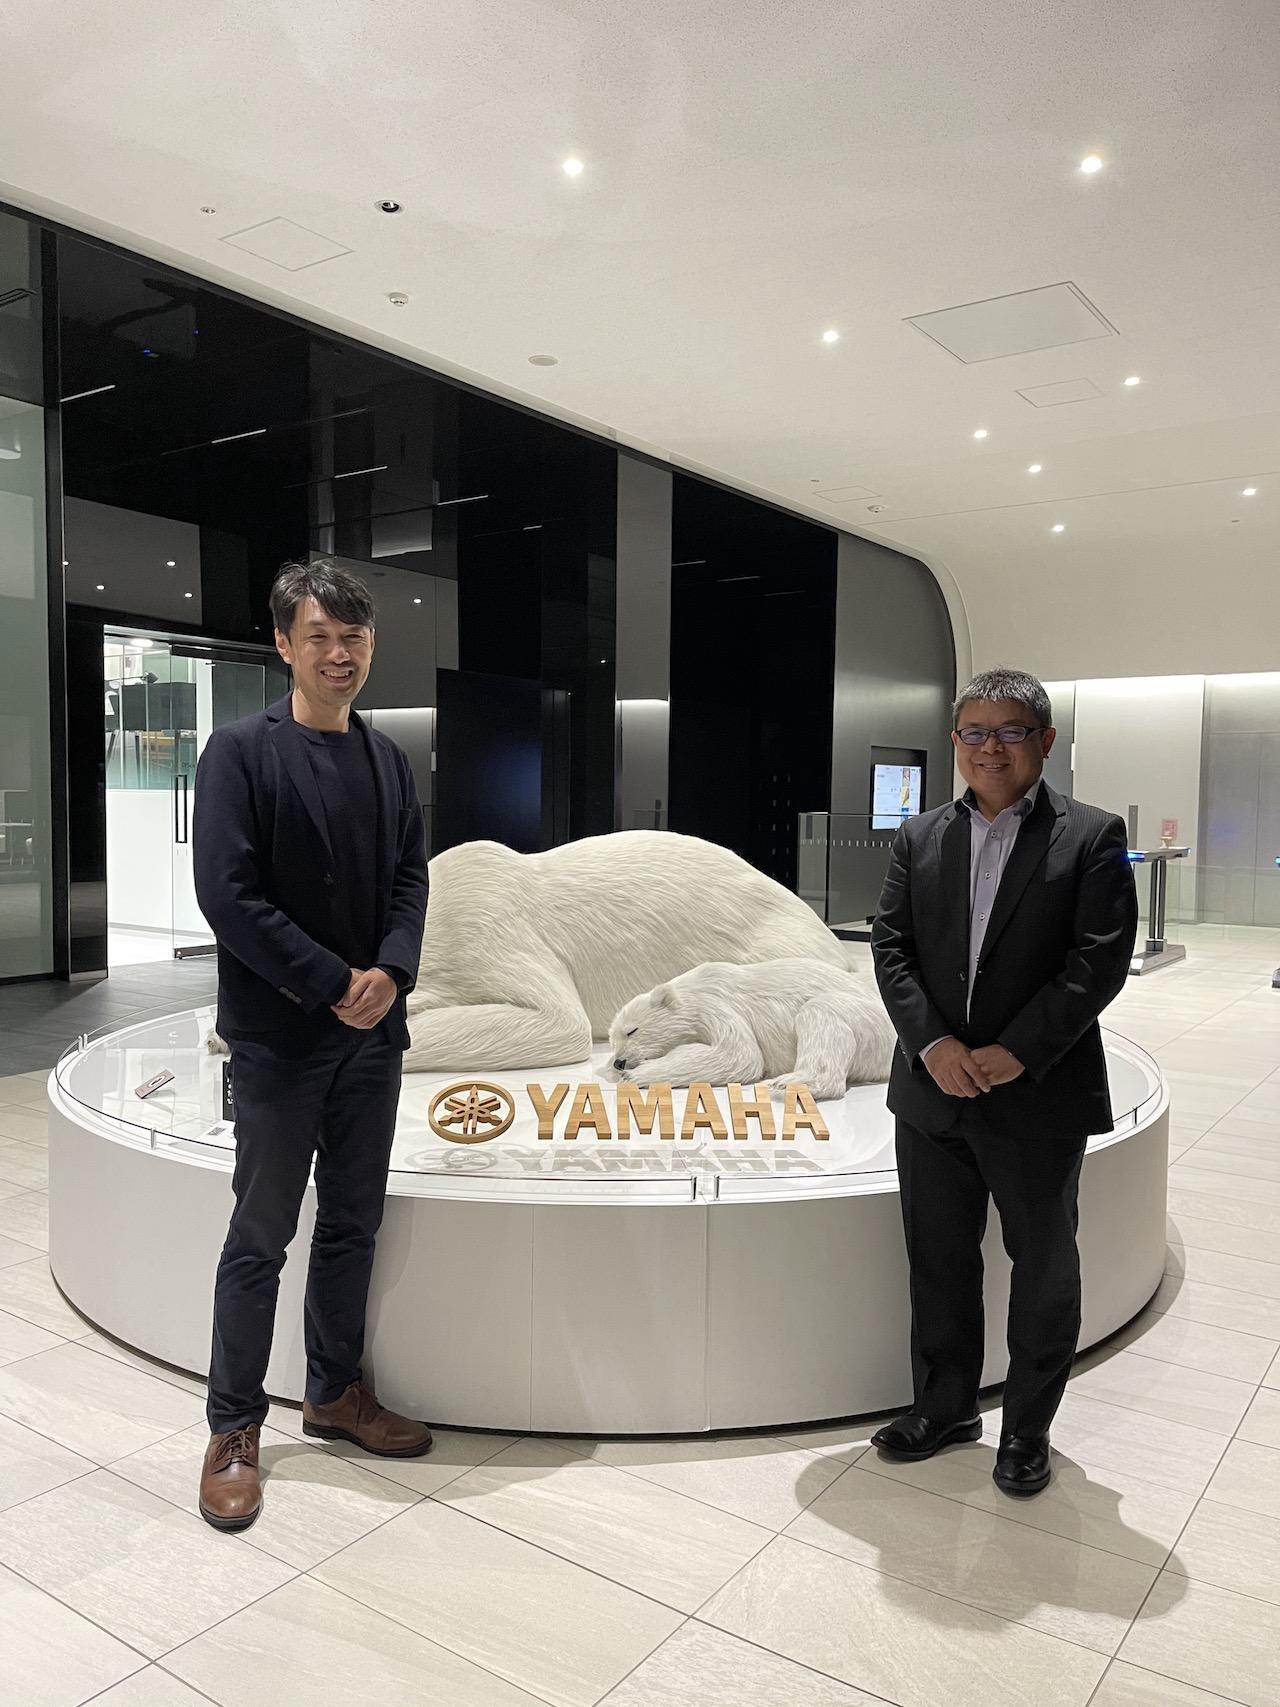 ヤマハ株式会社にて、左から沢渡あまね、平野尚志氏